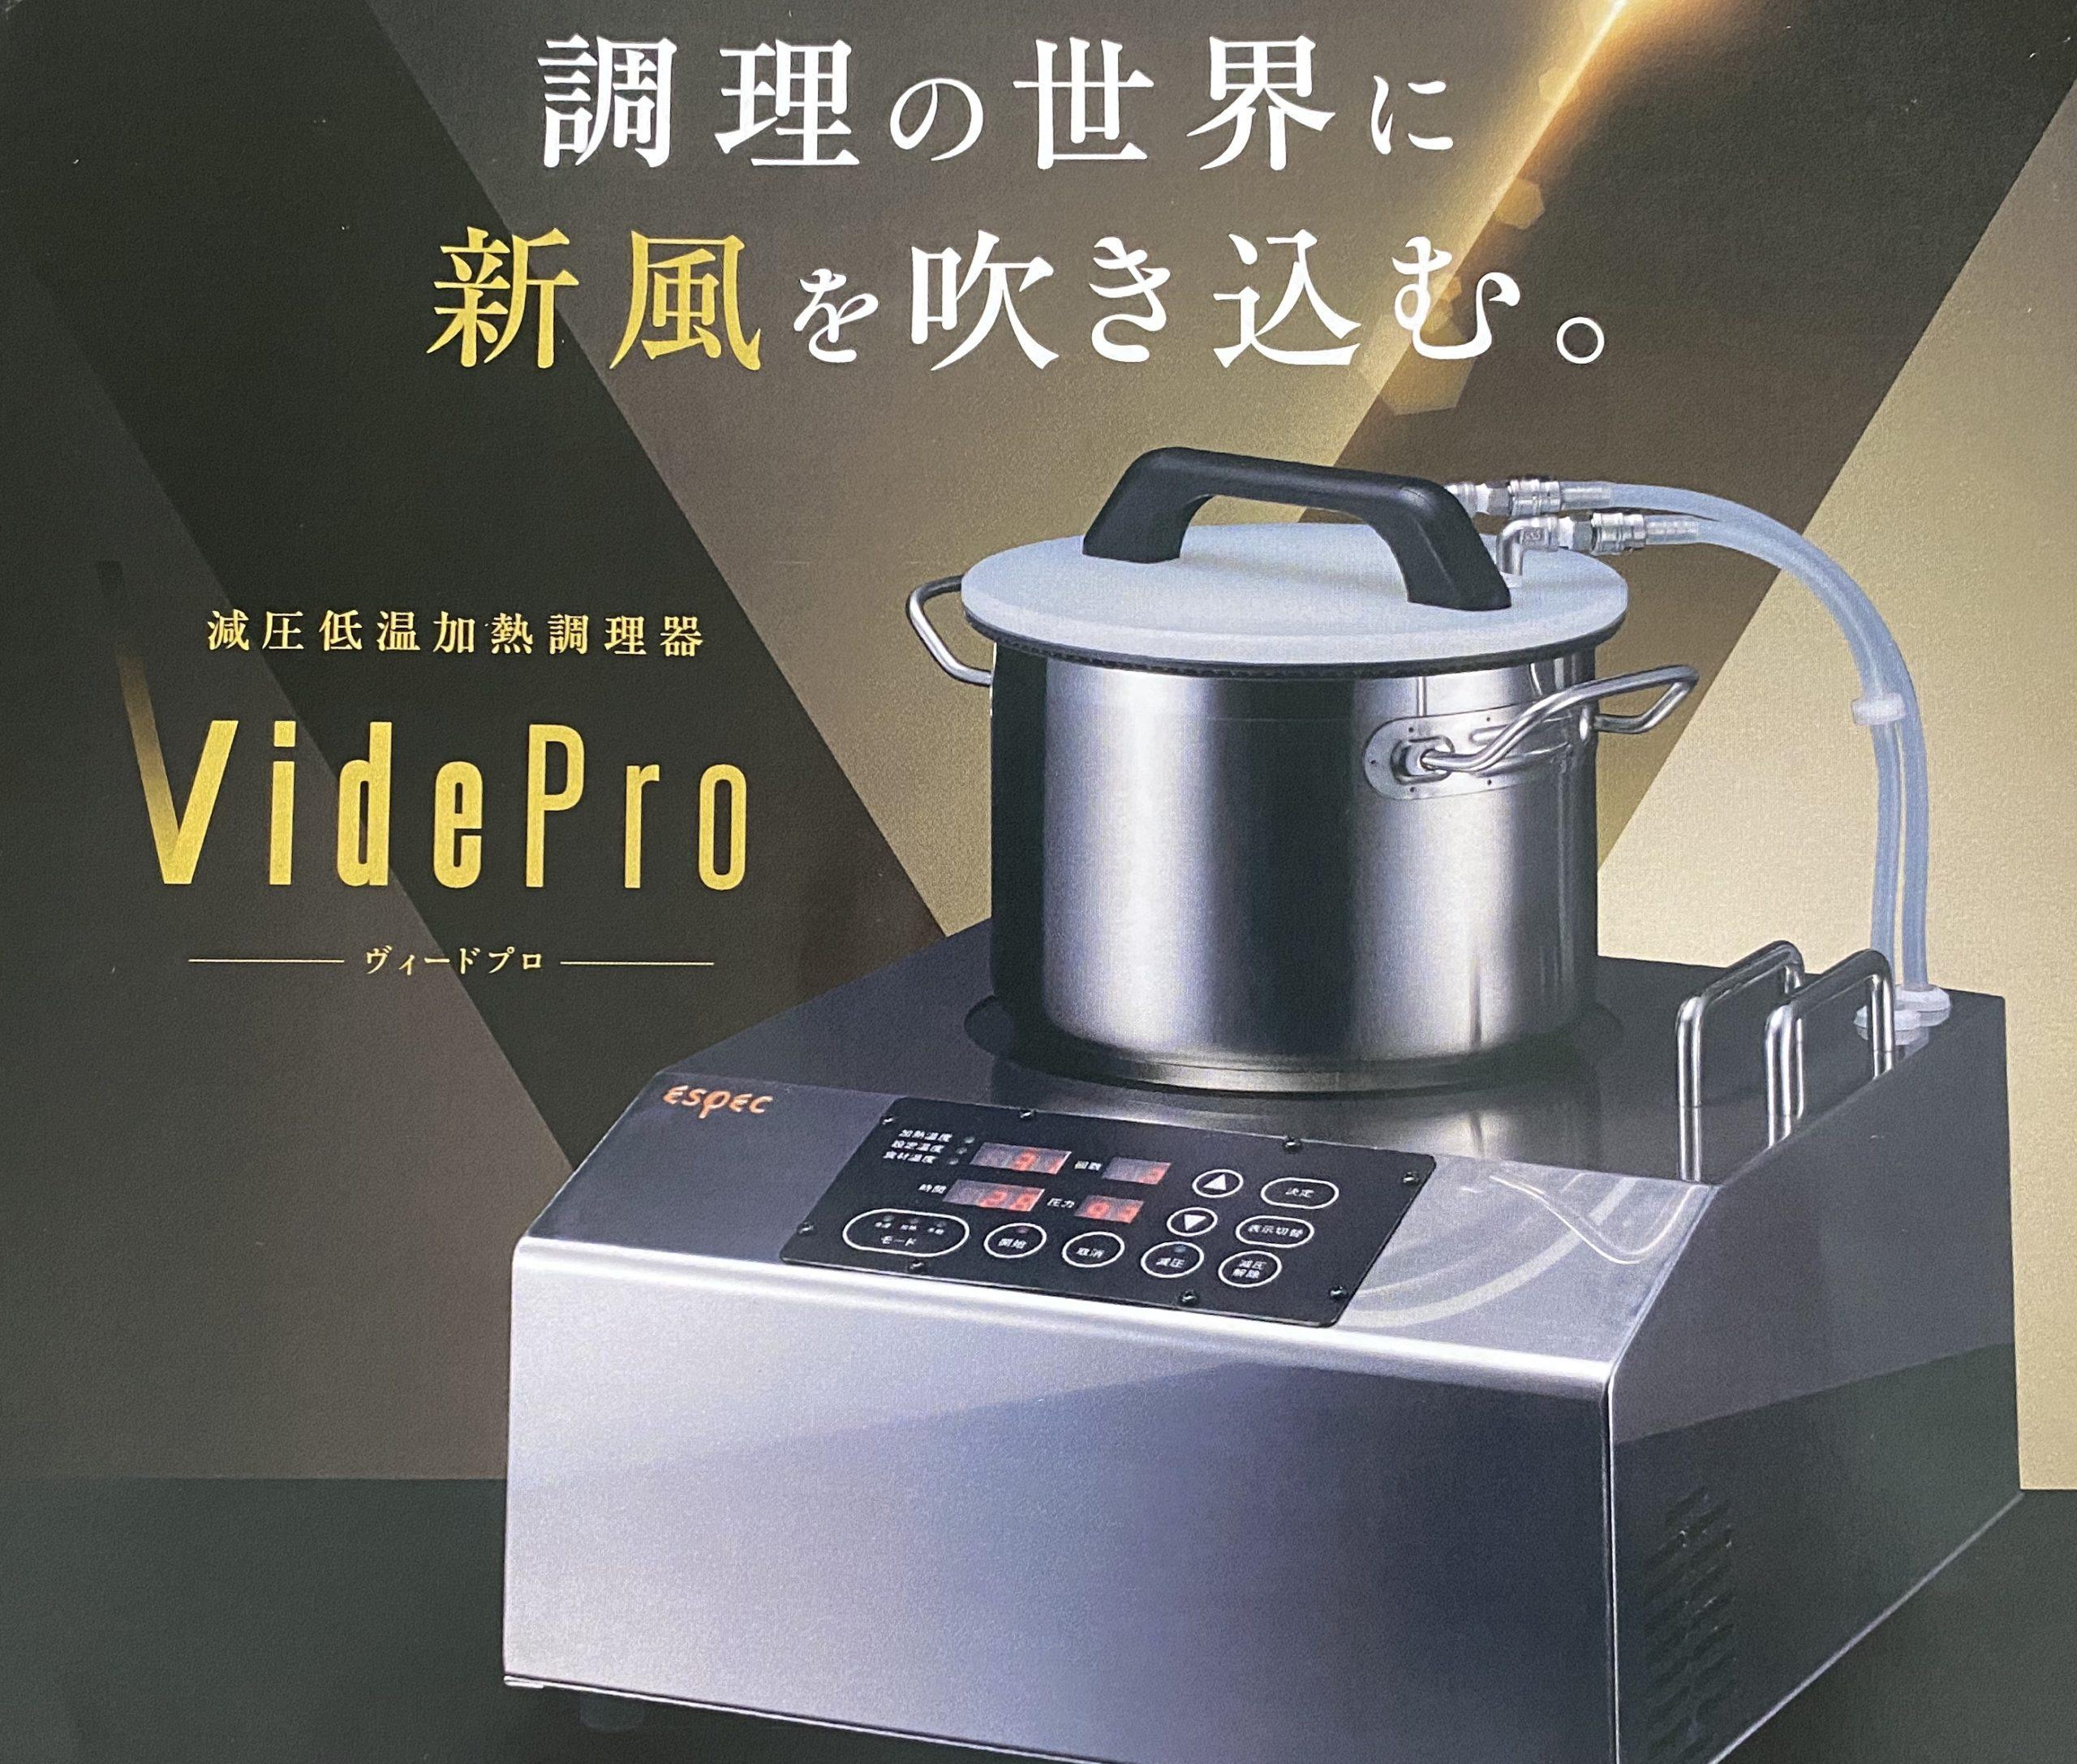 Vide Pro(ヴィードプロ)の使い方|4つの設定項目